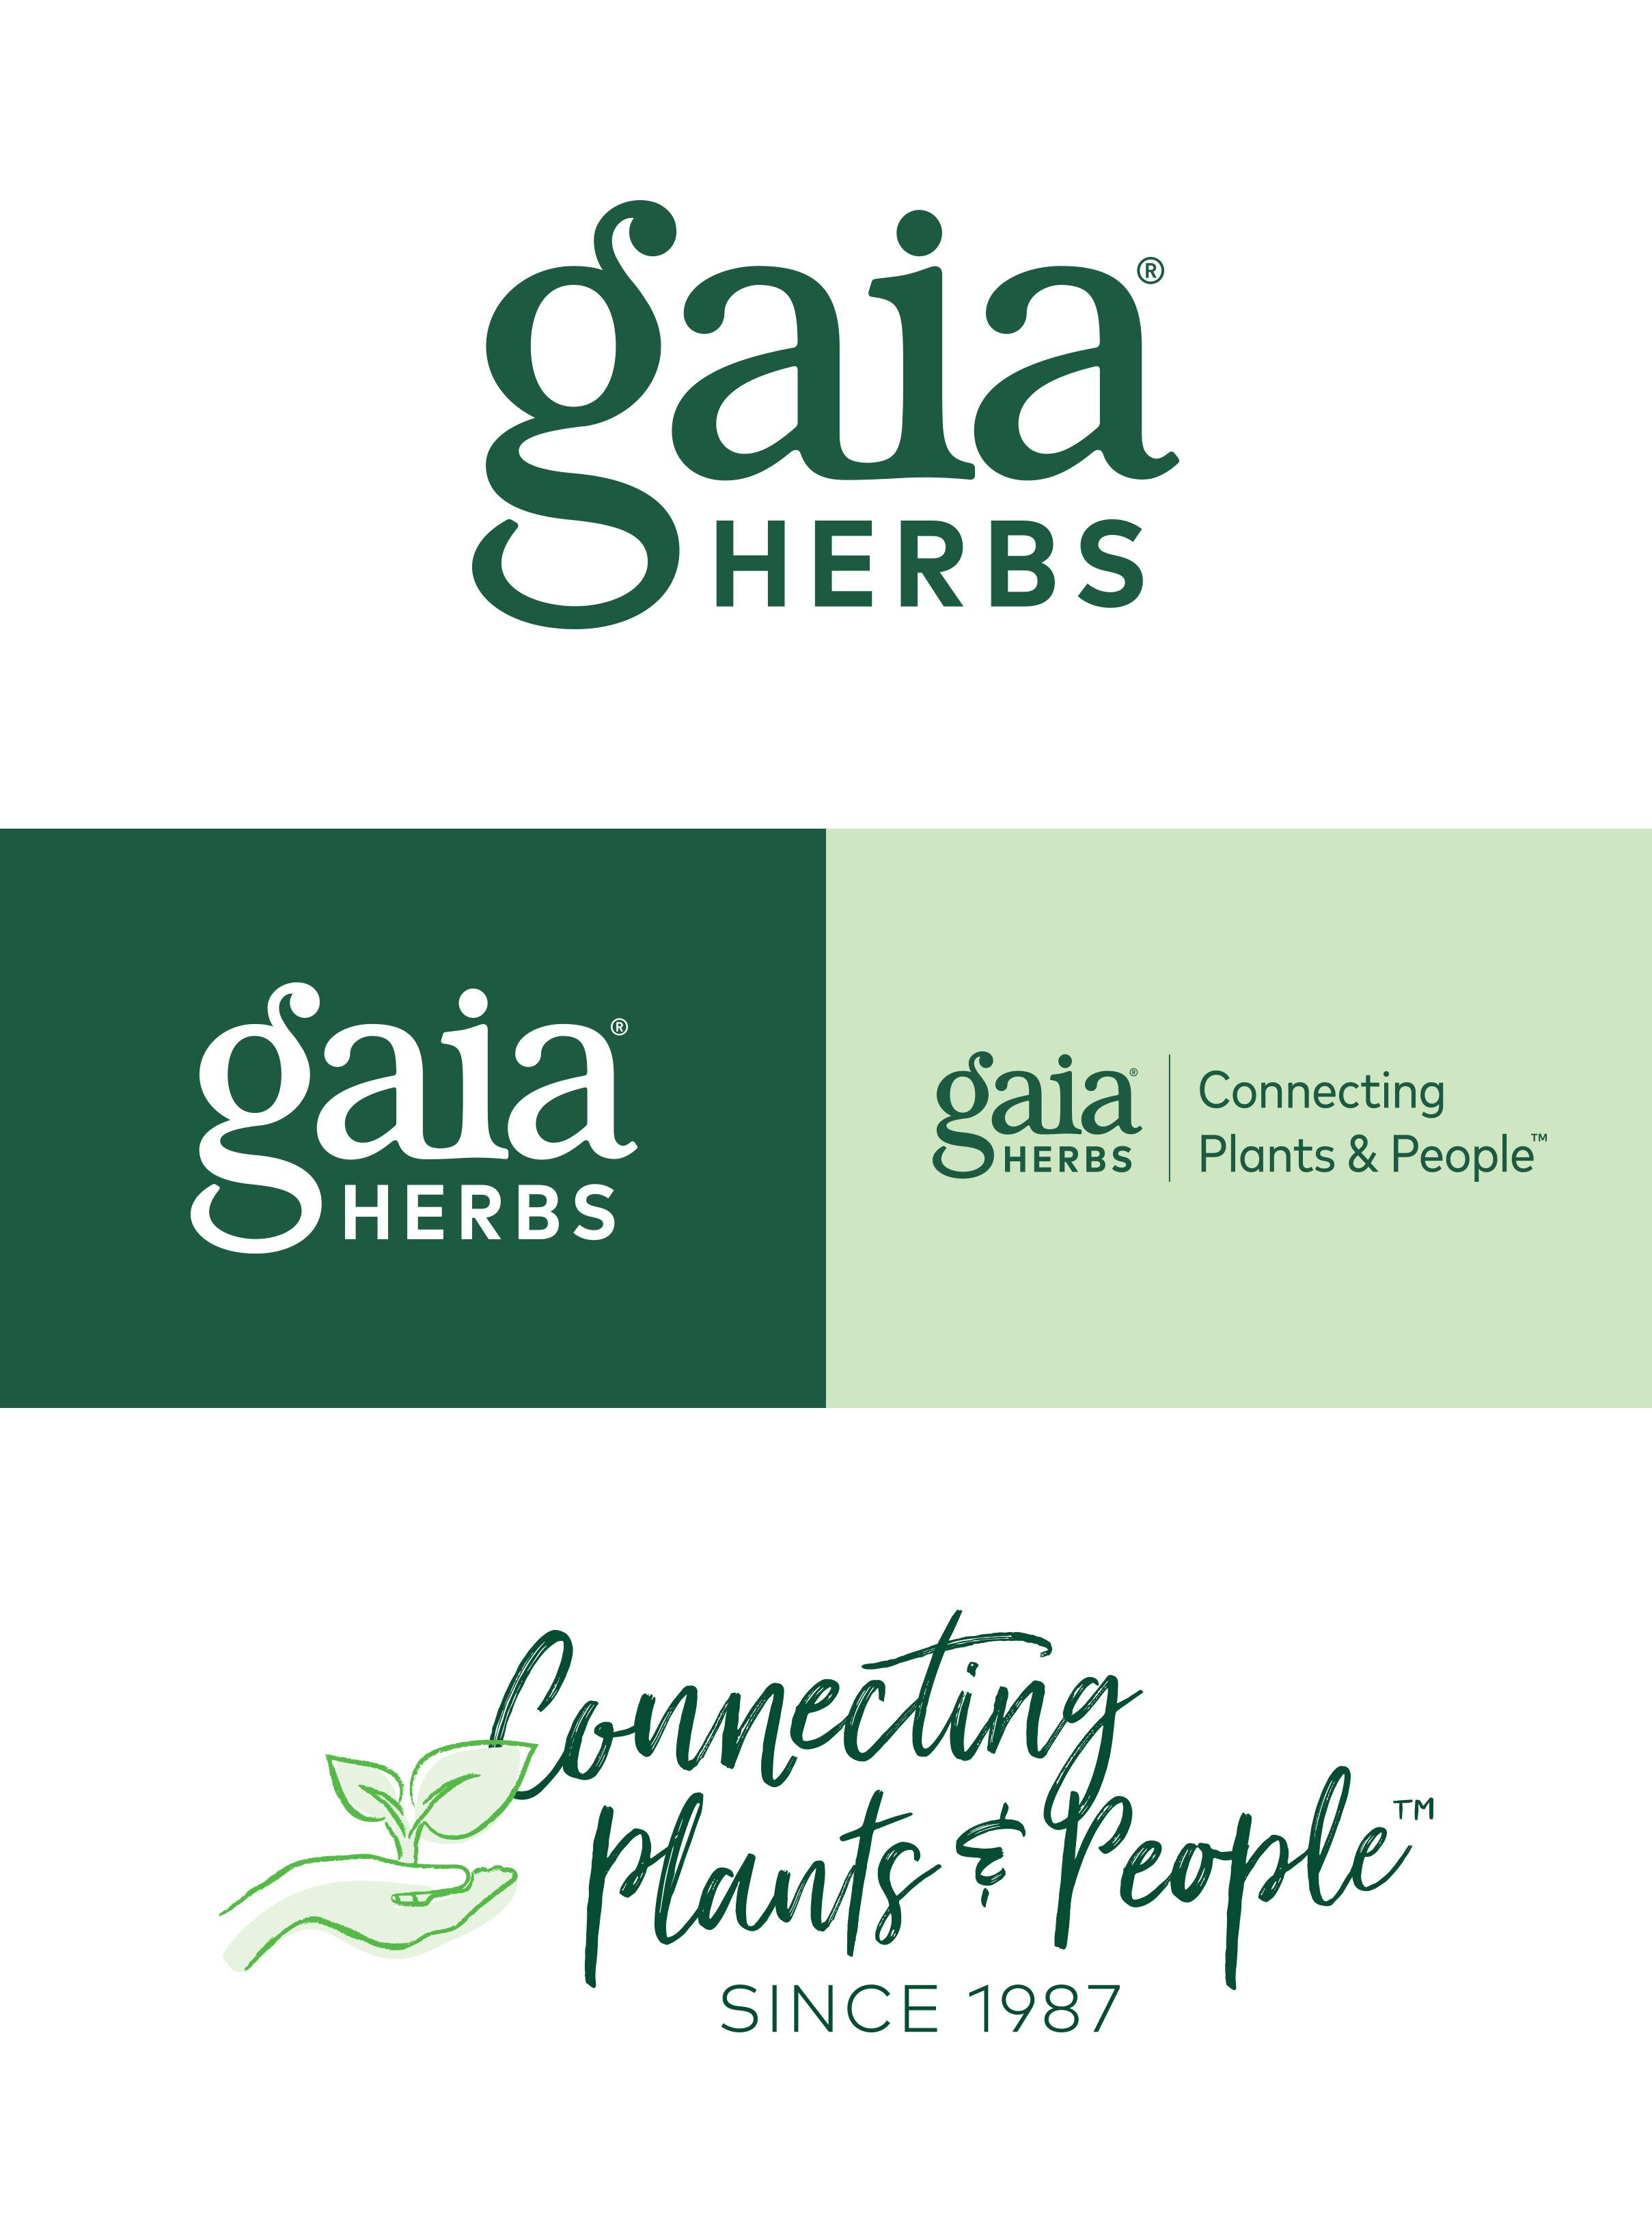 GaiaRebrand_Mockup_Logos.jpg